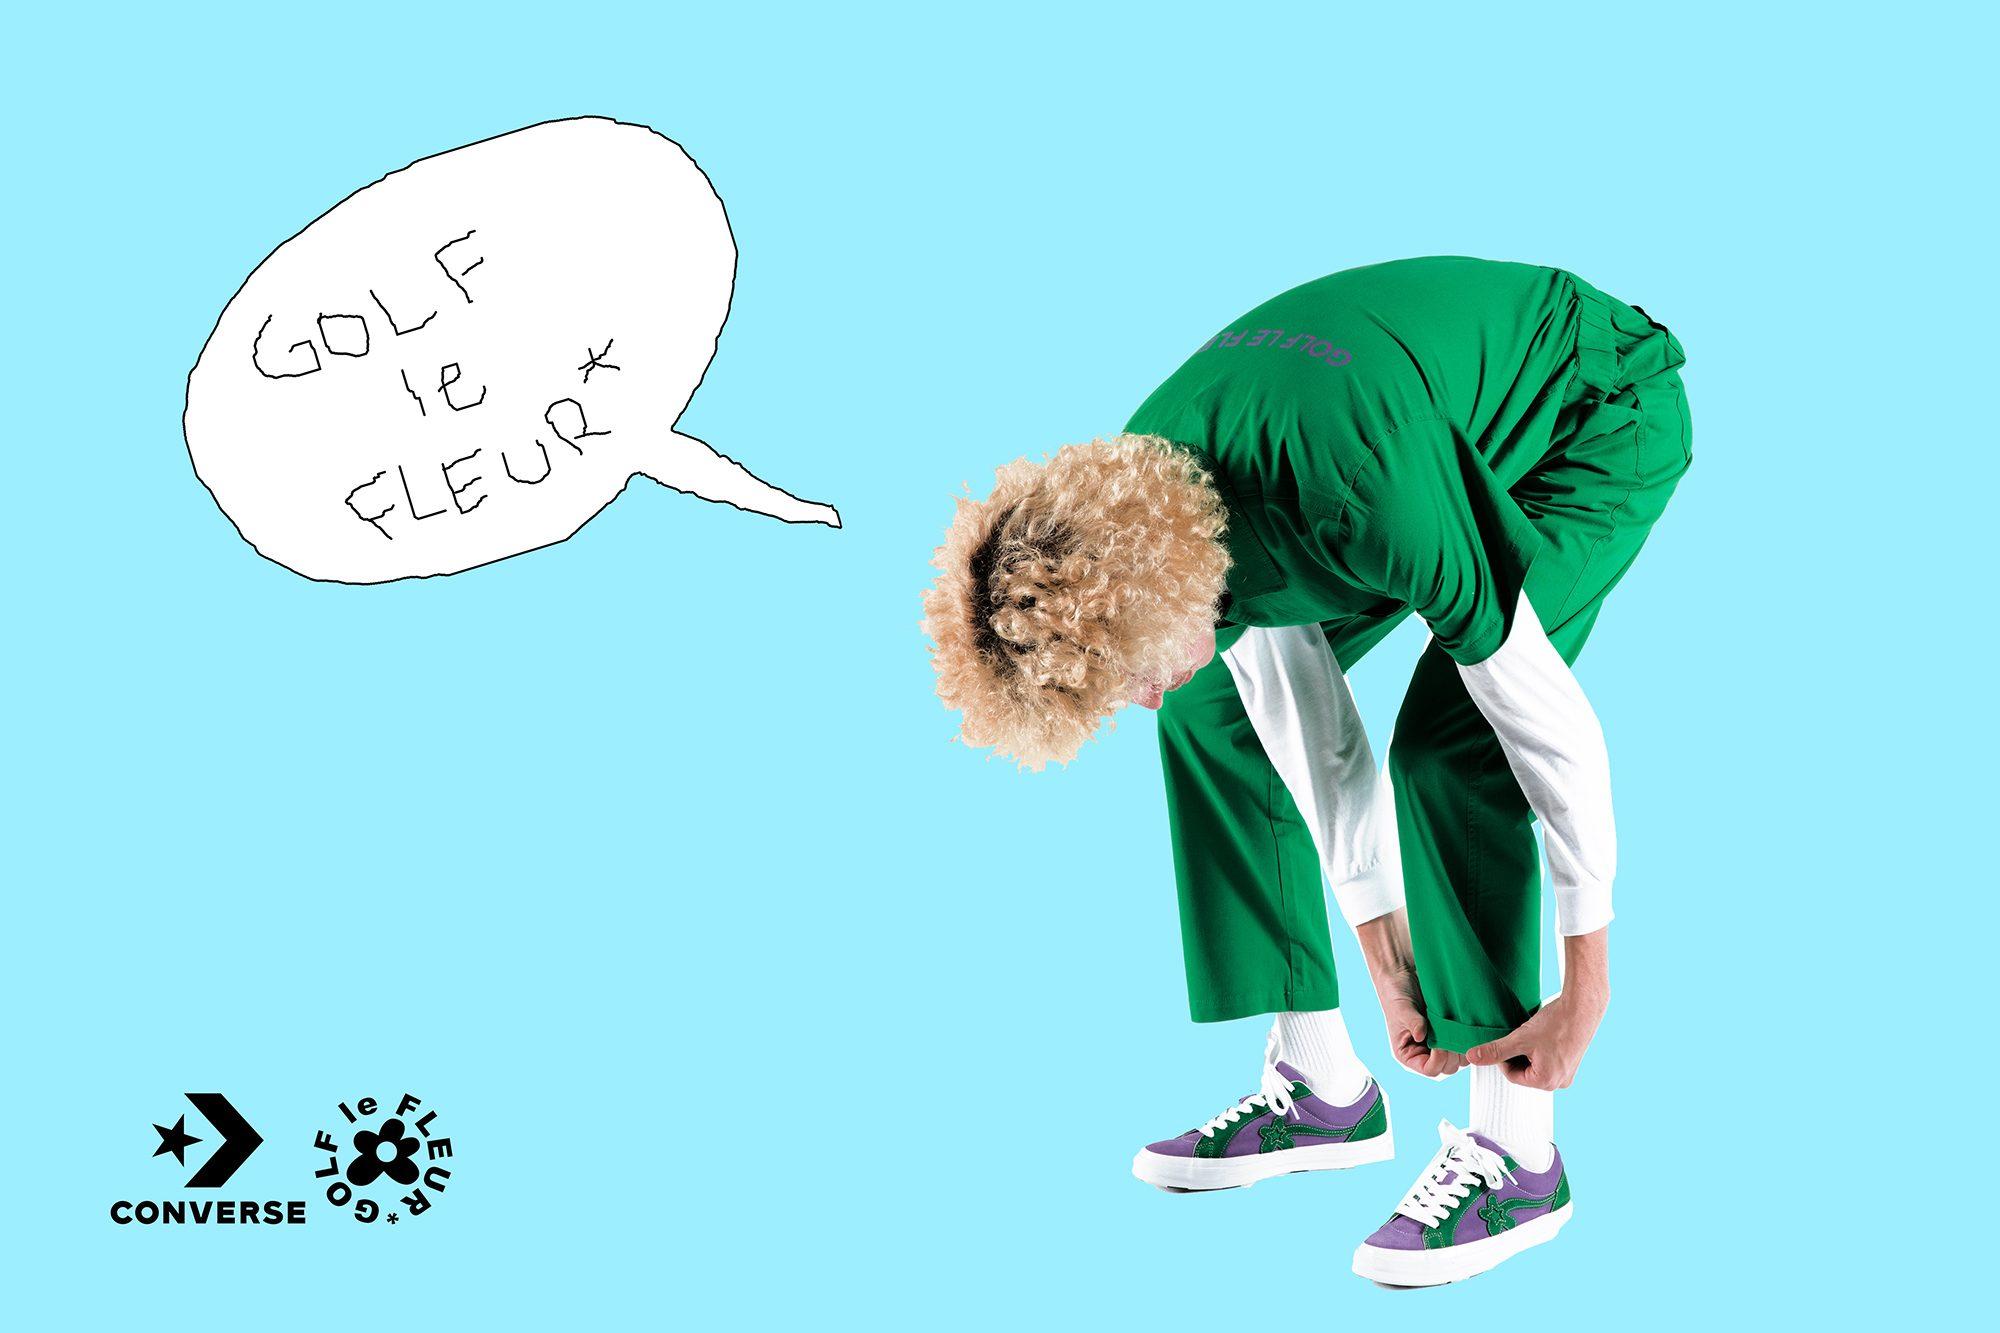 Converse_Golf_le_Fleur_Lifestyle-01